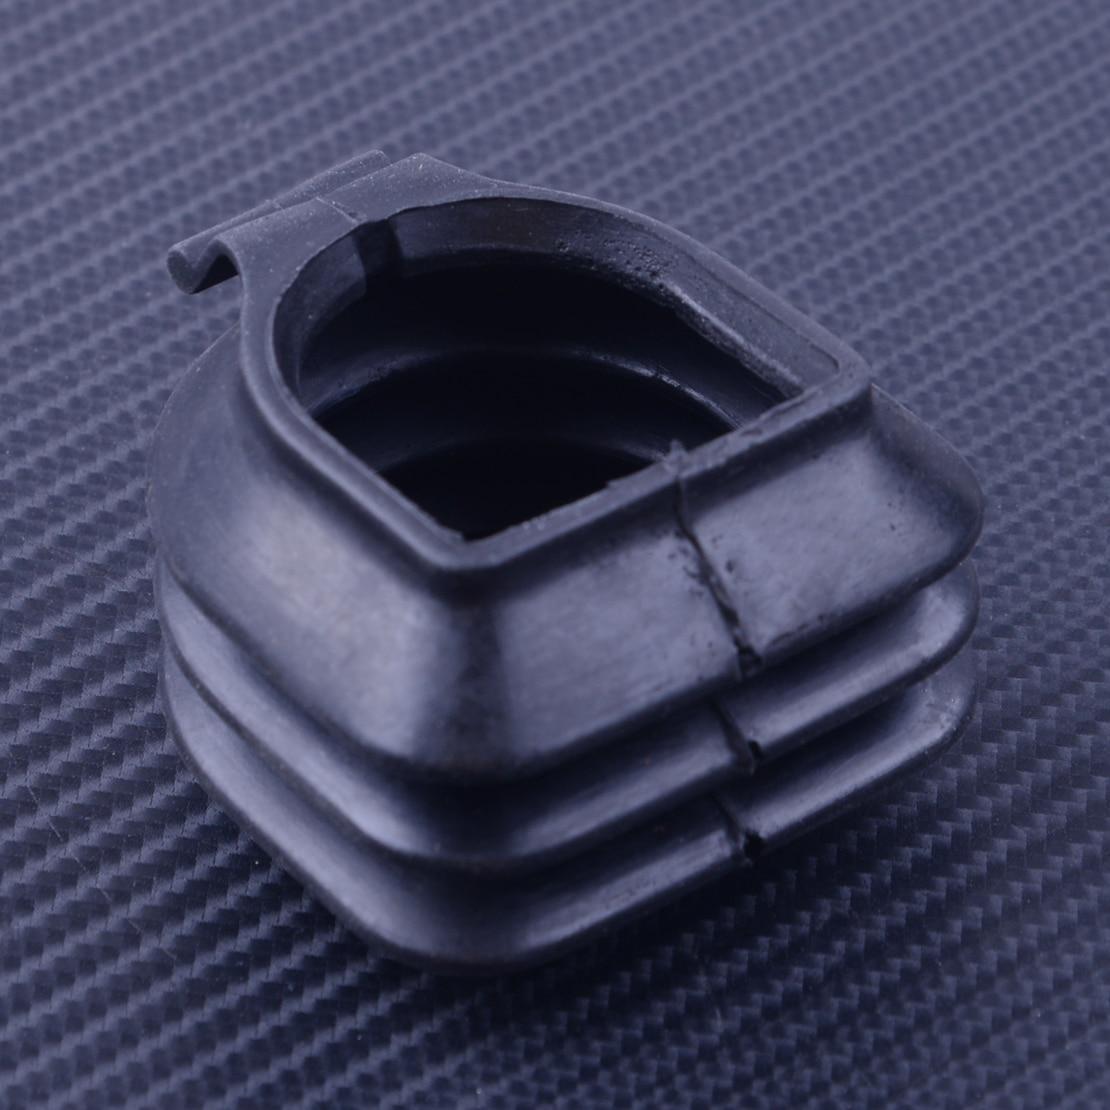 Palanca de cambio de transmisión eje Selector manga protectora arranque 020301261 ajuste para VW Cabriolet Jetta Golf Mk1 Mk2